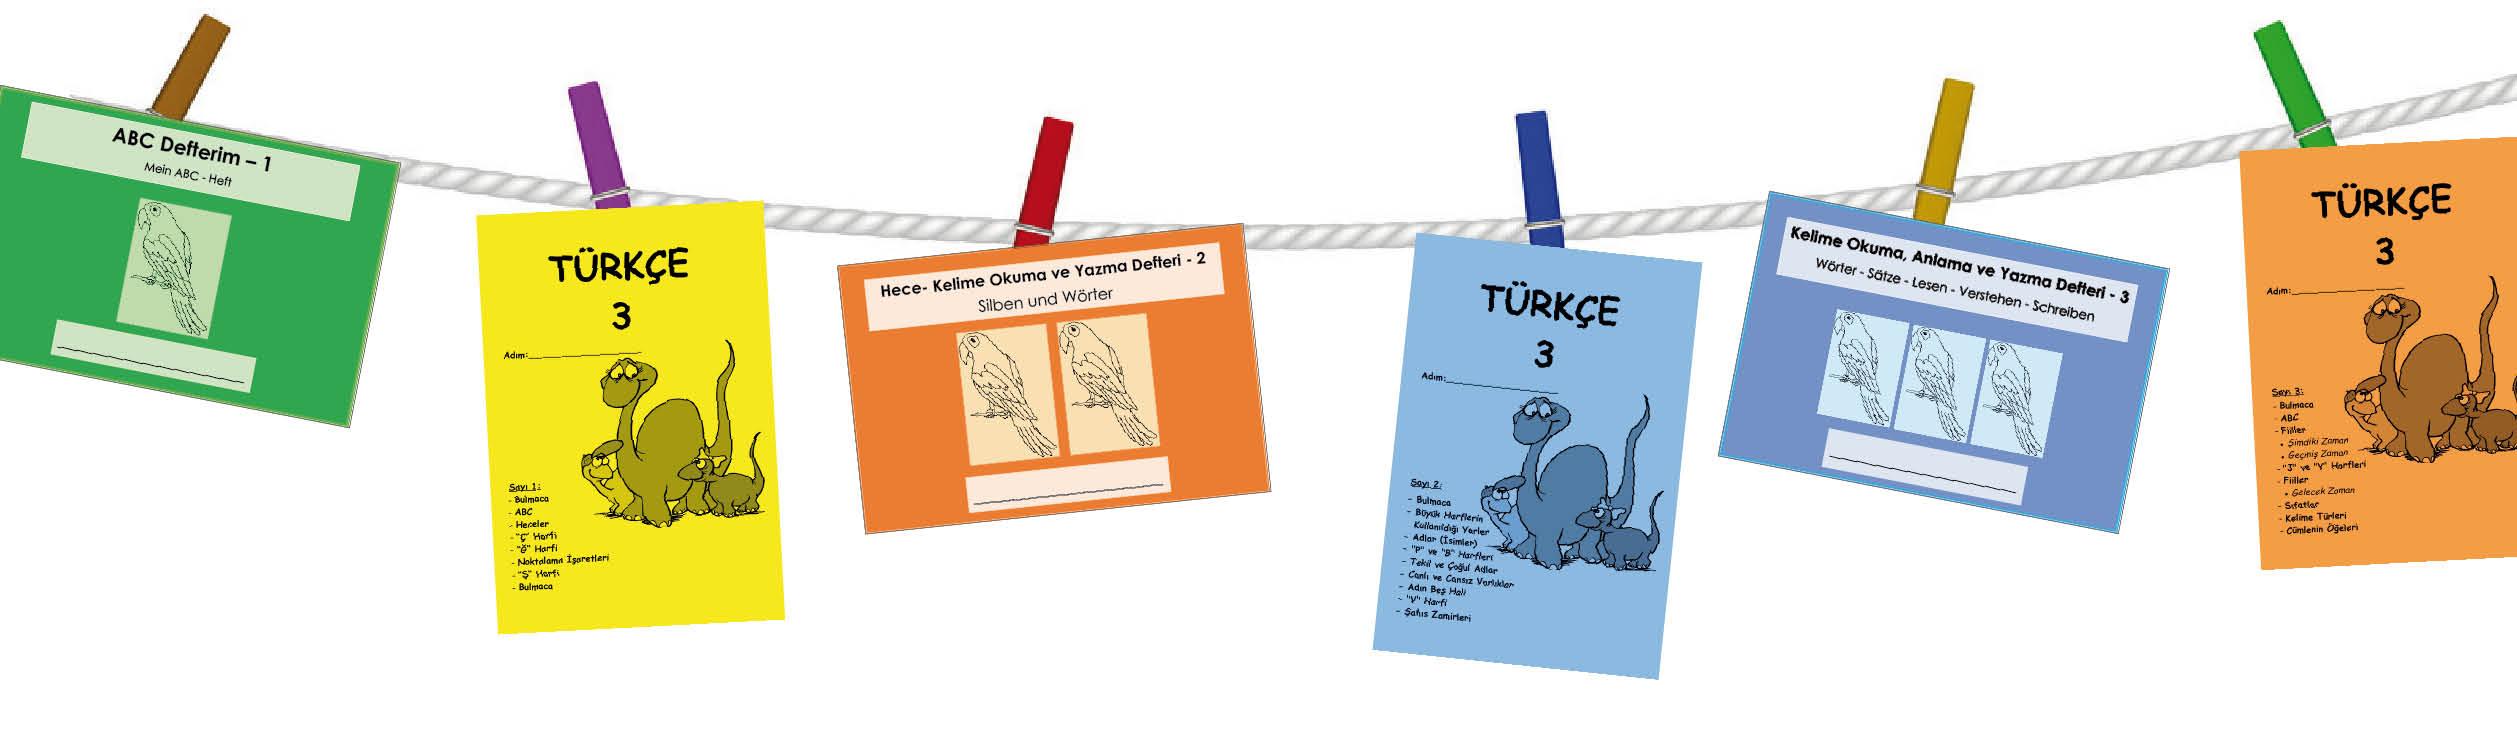 Türkisch Übungshefte für die Grundschule